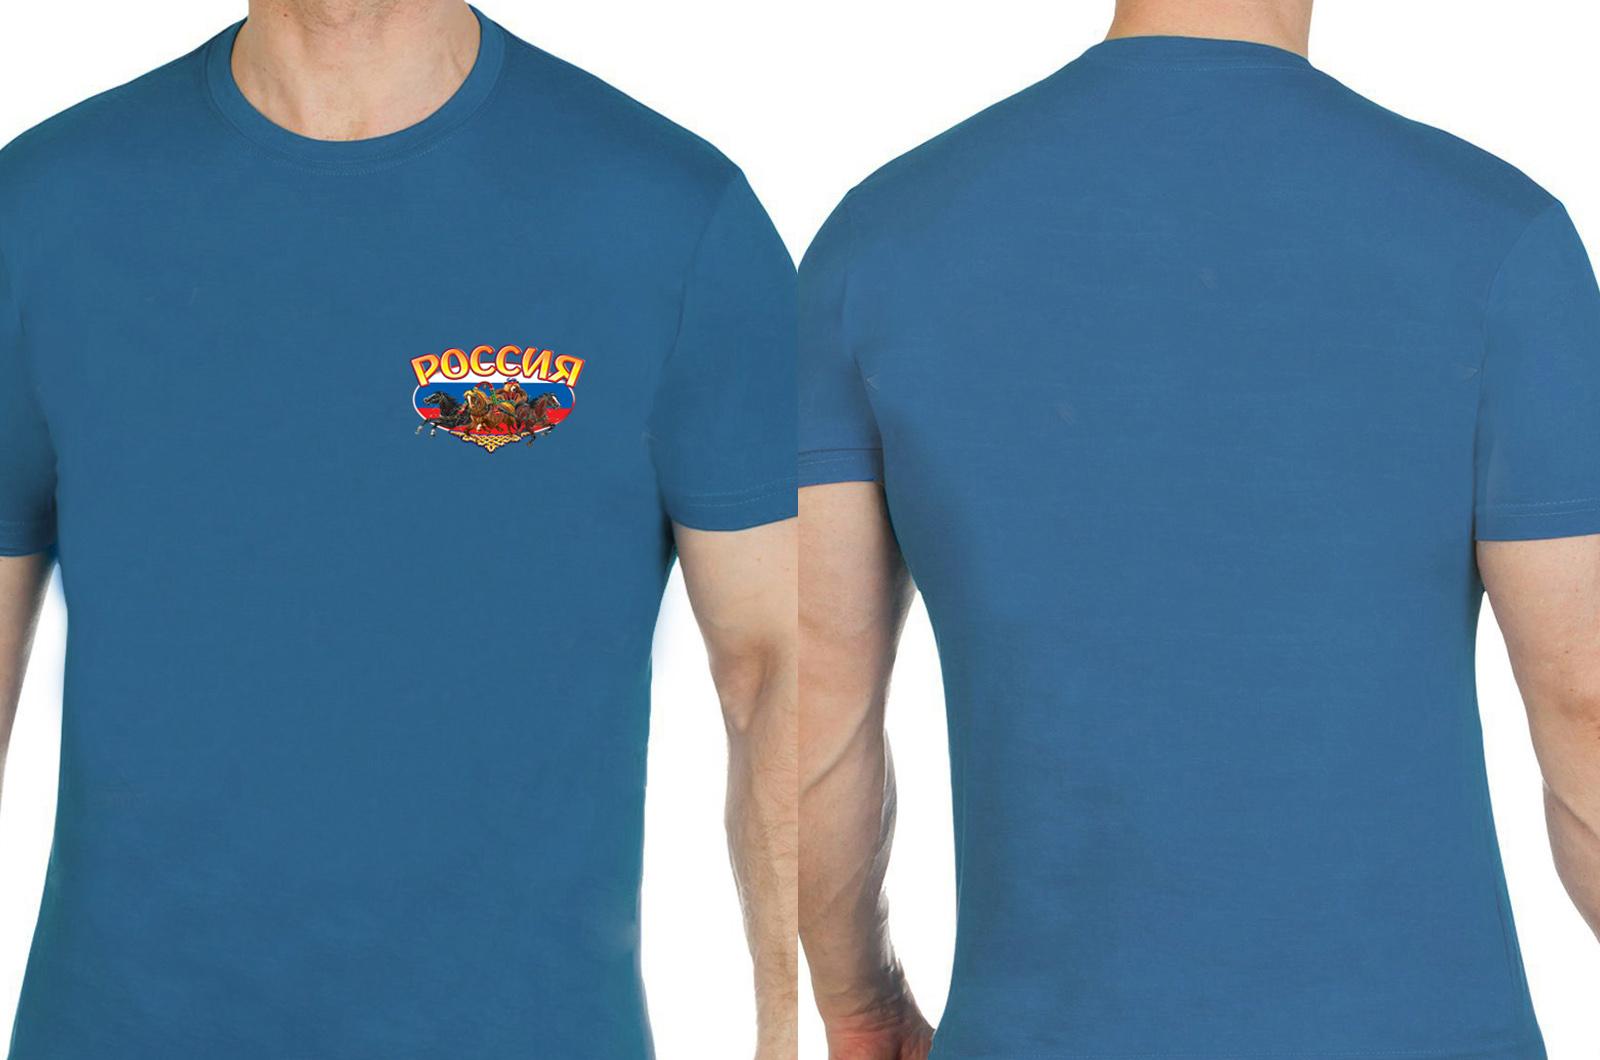 Современная футболка с яркой символикой «Тройка».